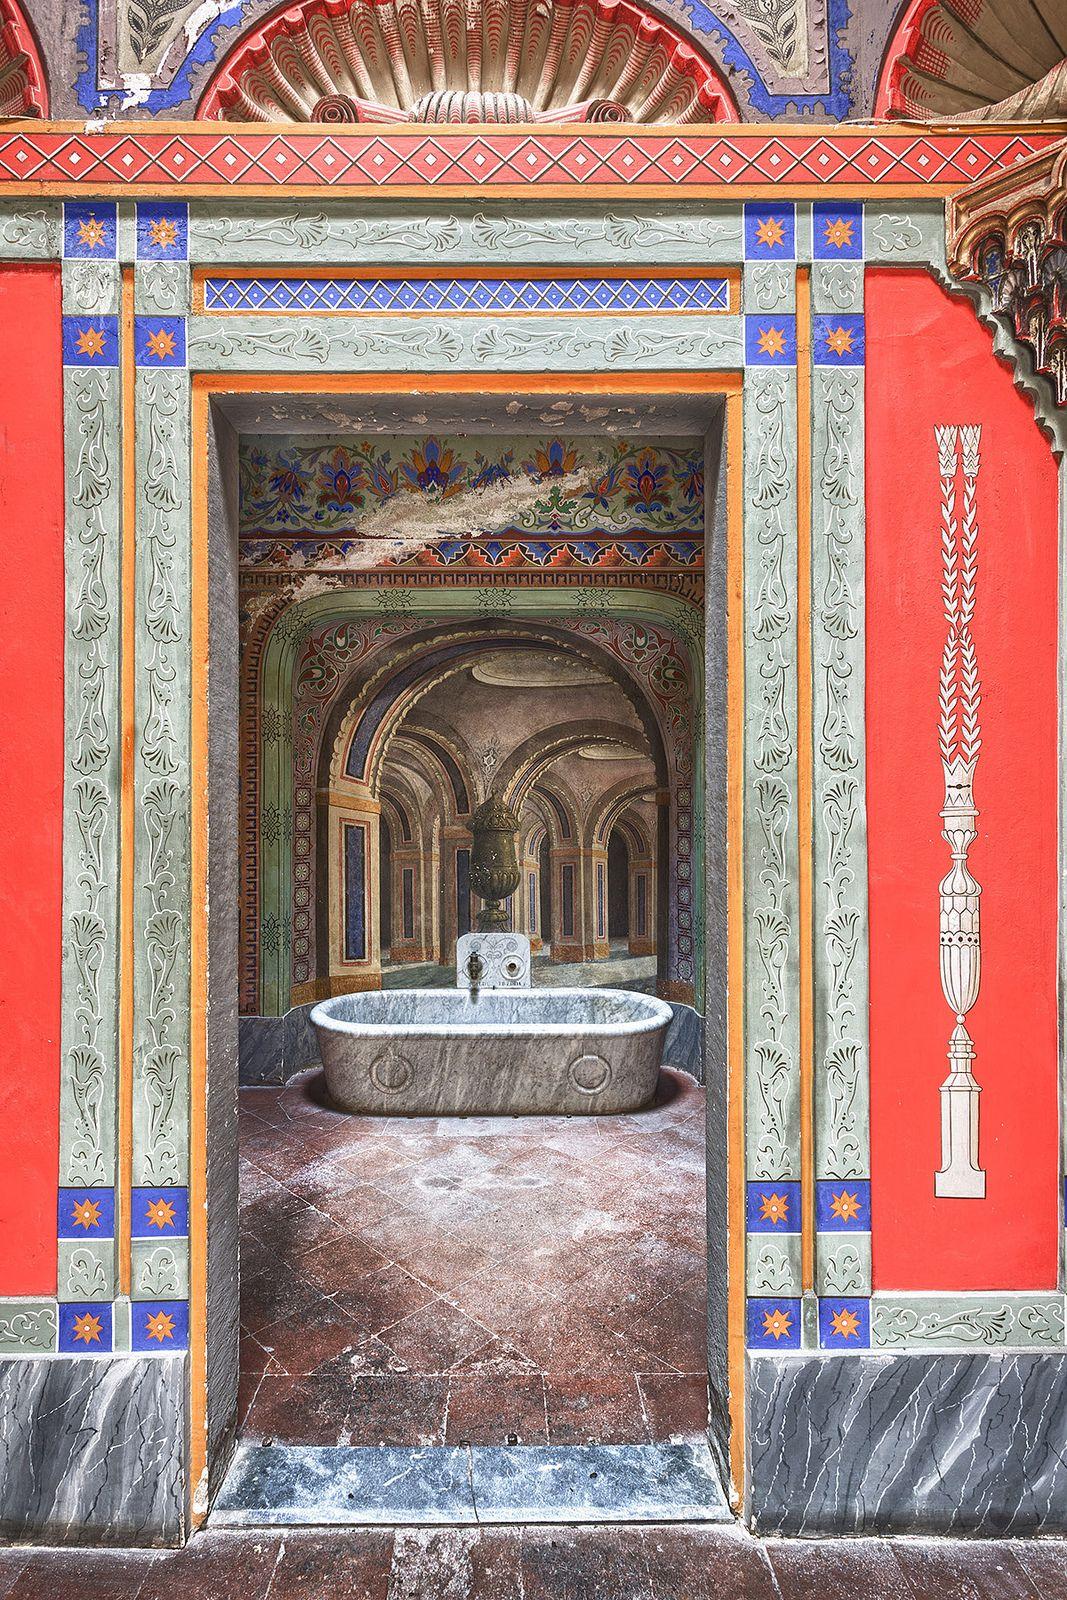 The Bathroom Nel 2020 Castello Aragona E Firenze